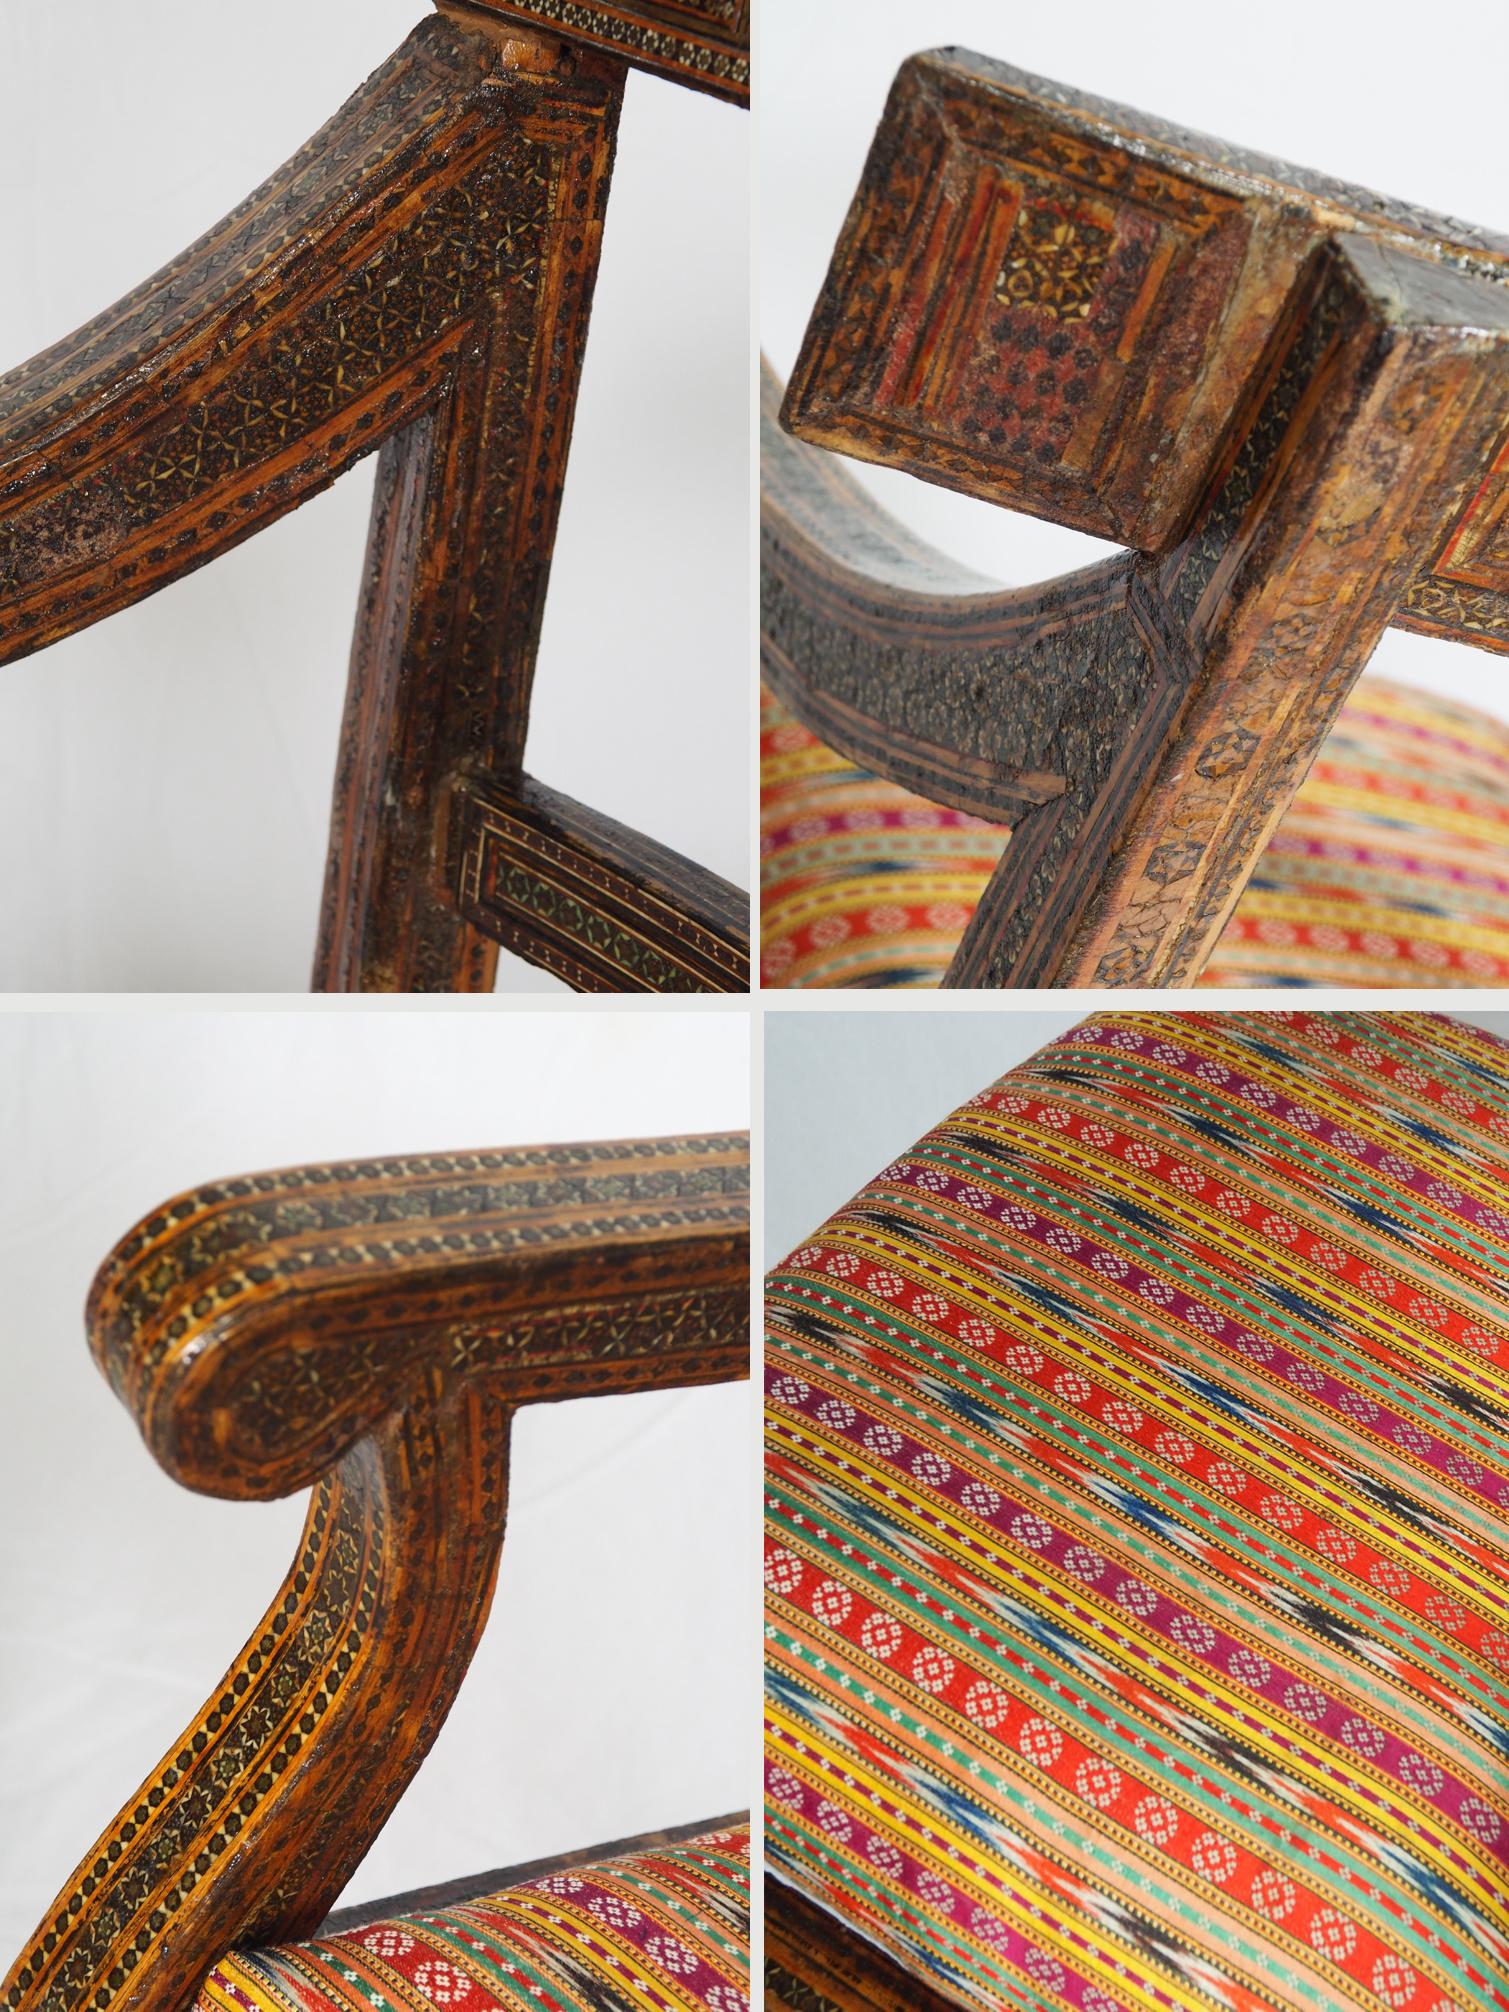 A Qajar (khatamkari technique)  chair Persia, 19th Century No:D